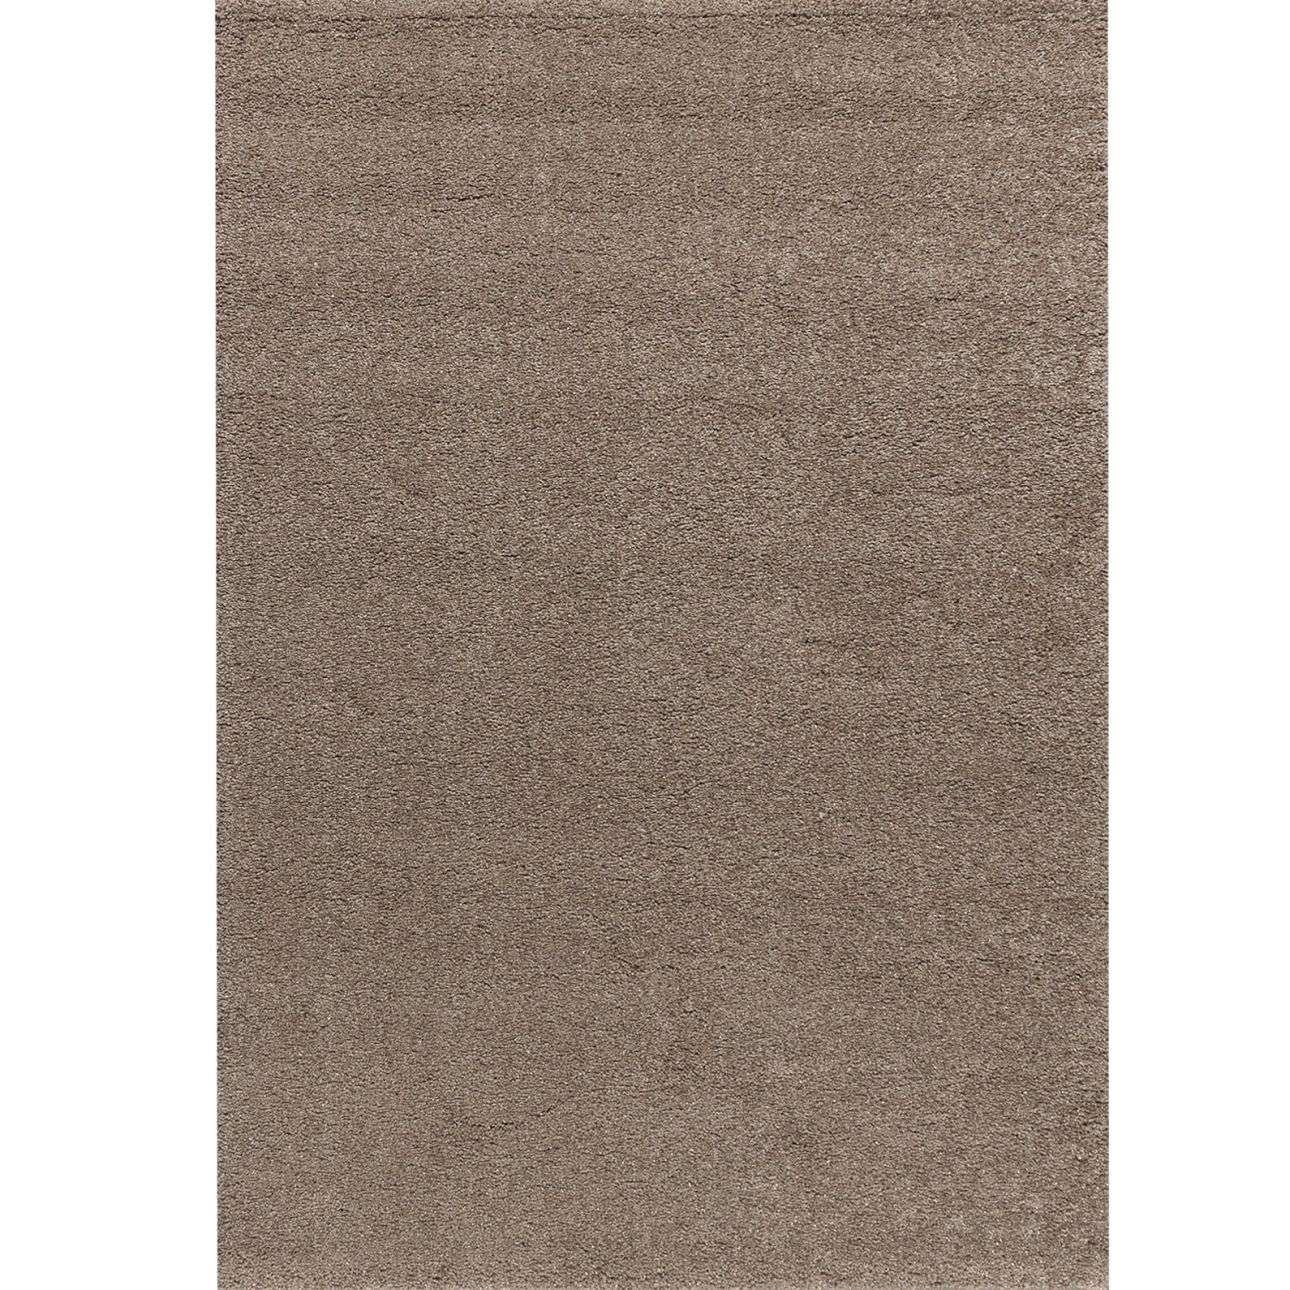 Koberec Deluxe Brown/gold 160x230cm